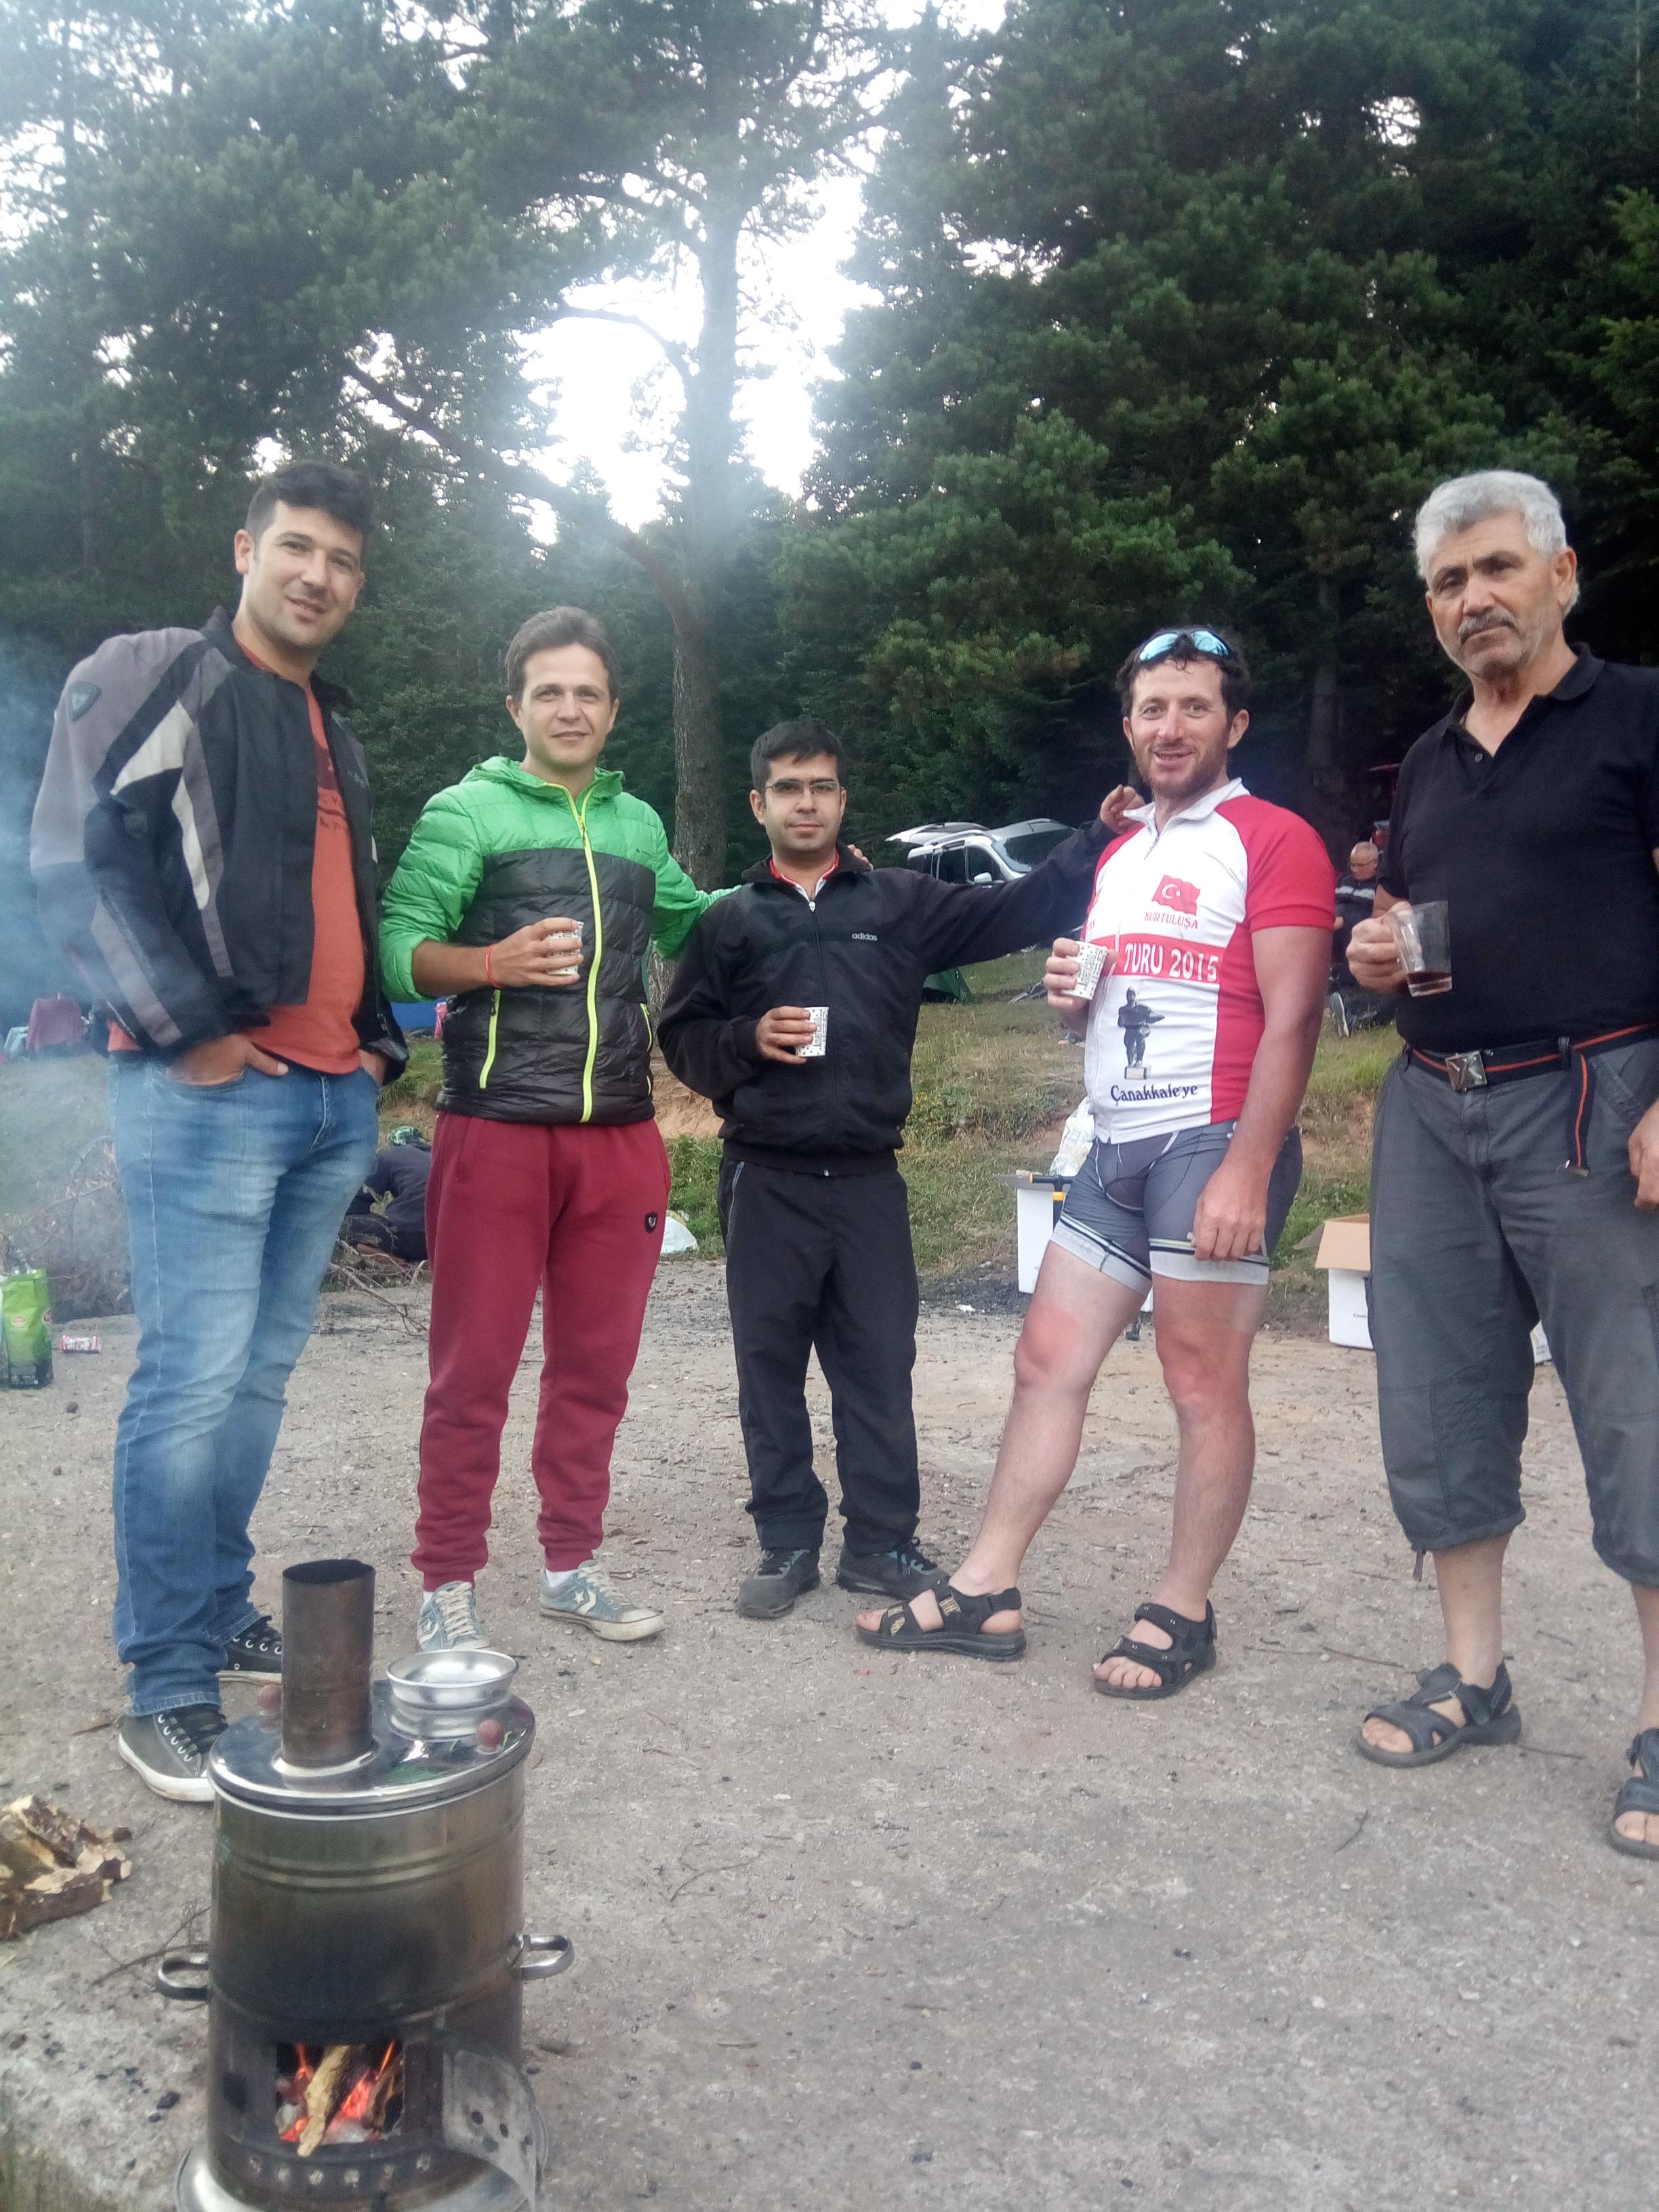 zorlu-parkur-ardindan-zirveye-ulasan-bisikletciler-kamp-alaninda-caylarini-yudumlayip-sohbet-ettiler.jpg